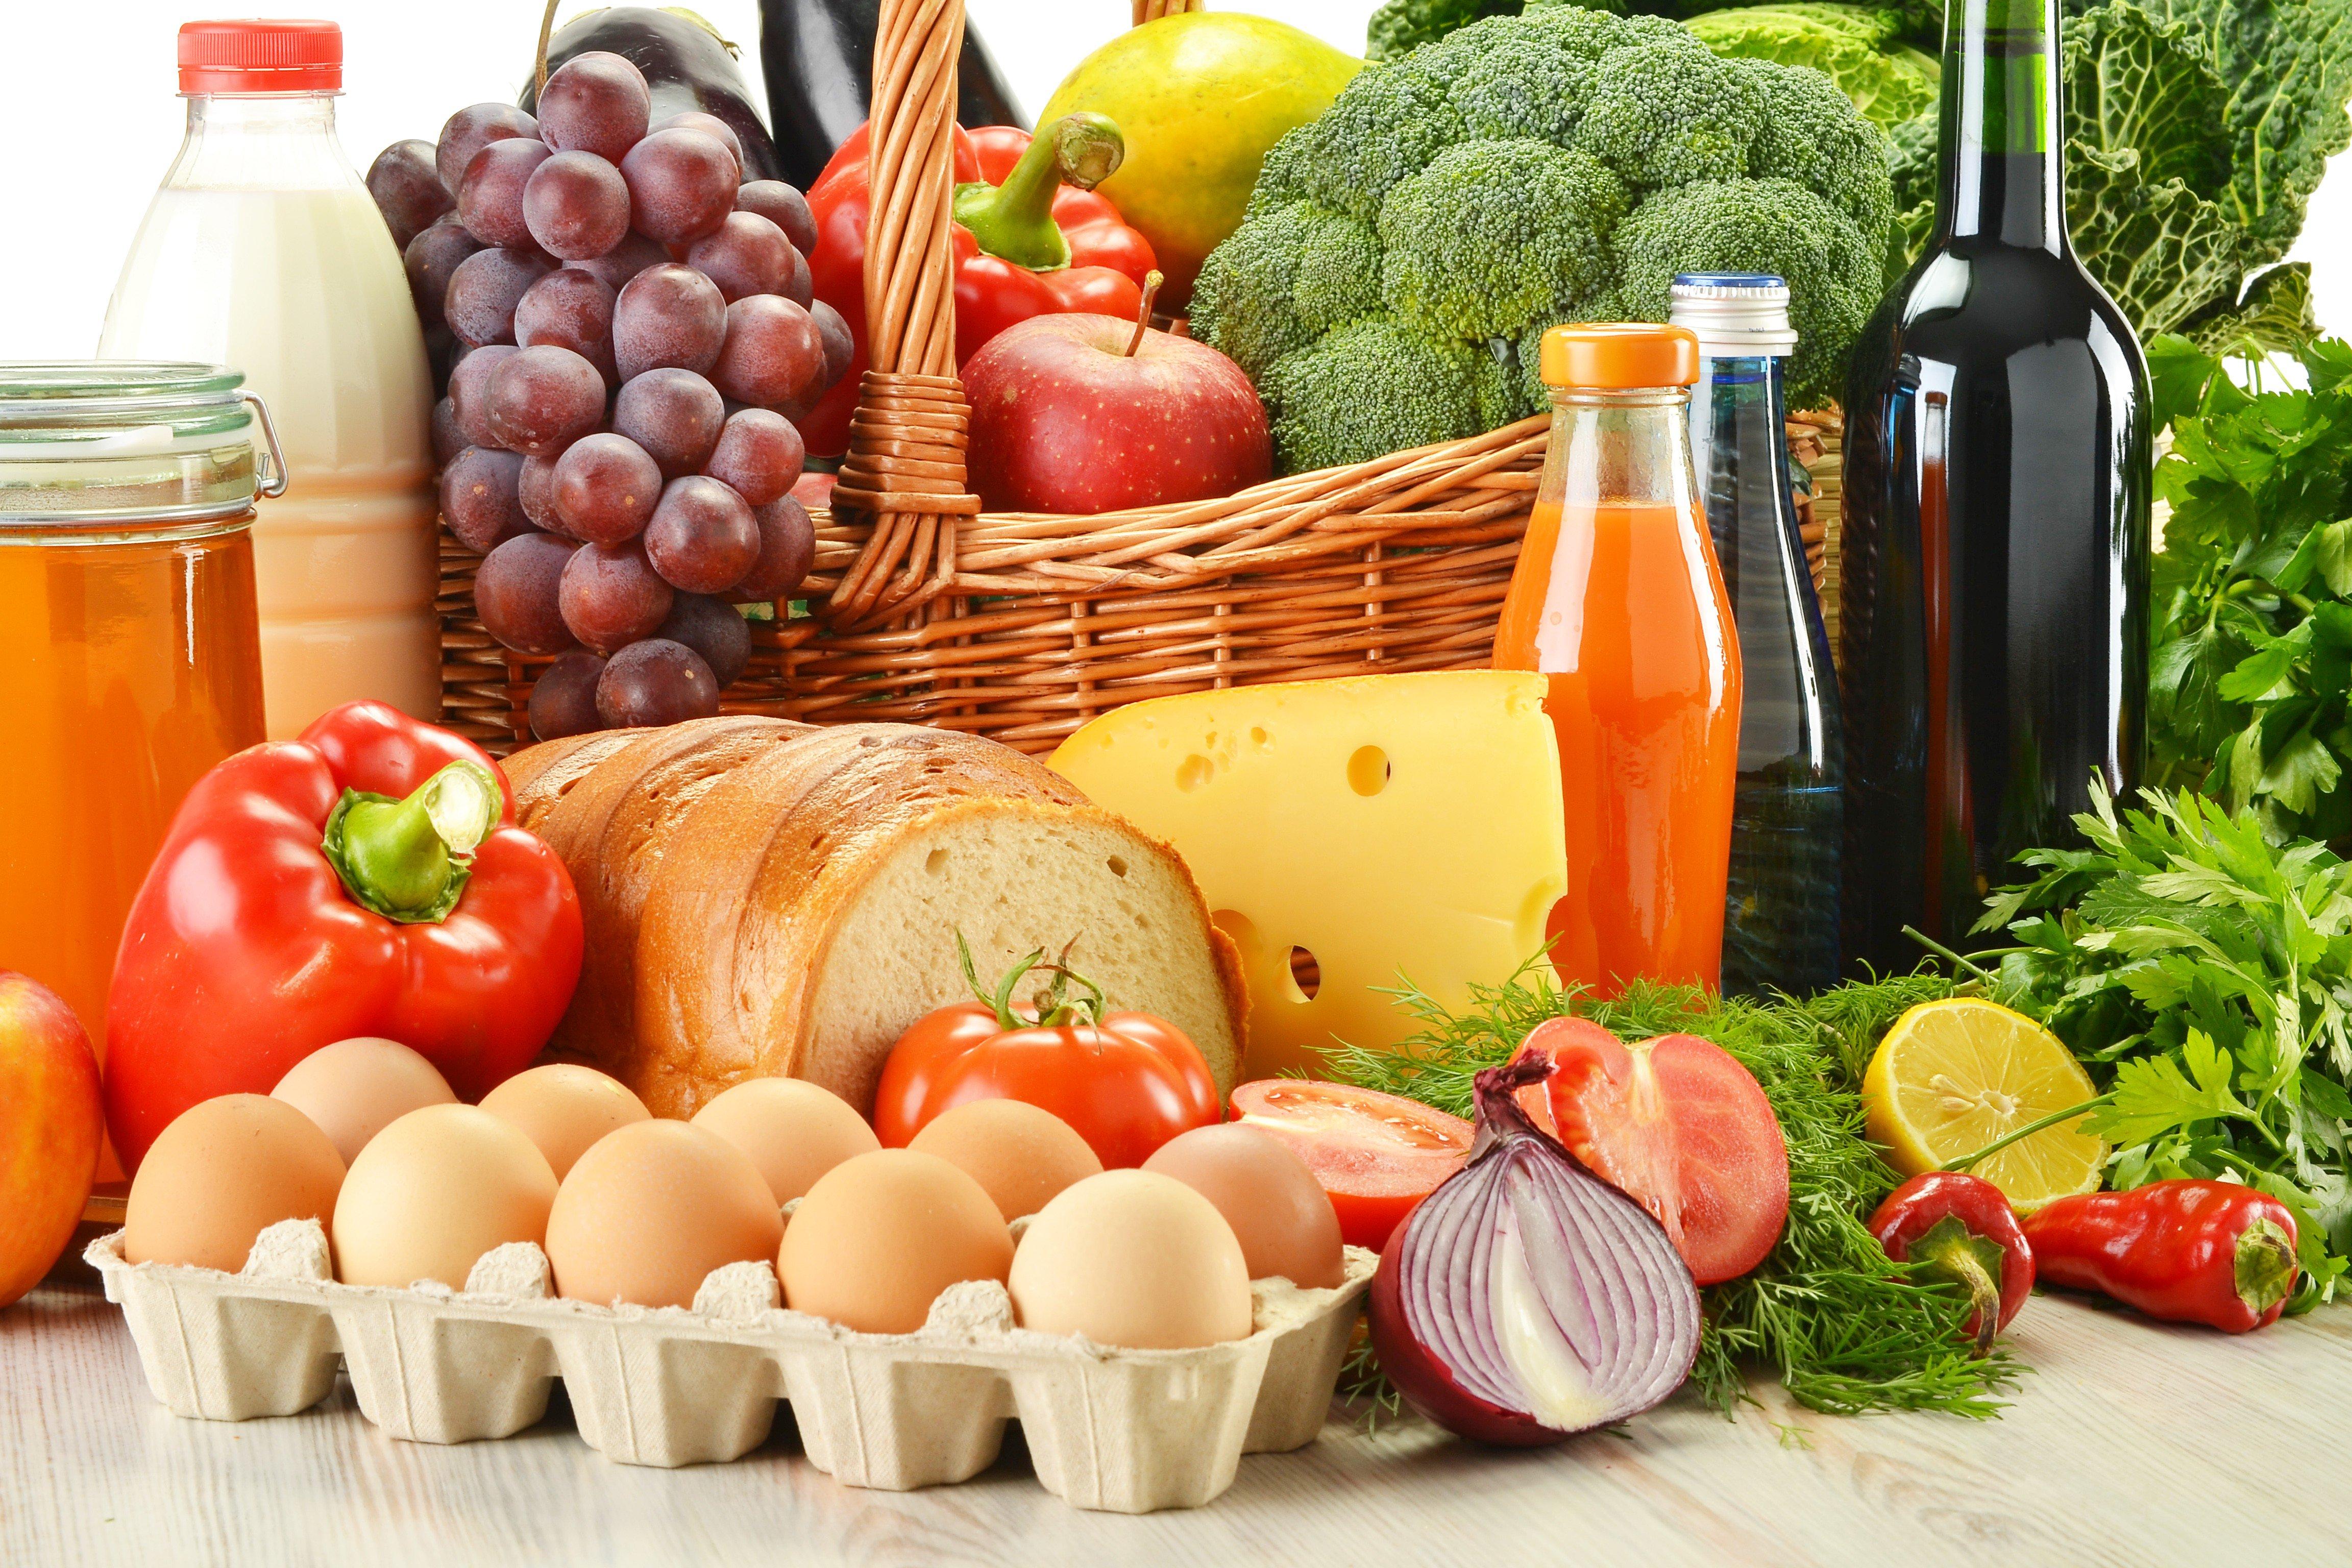 Рада намерена установить правила маркировки продуктов